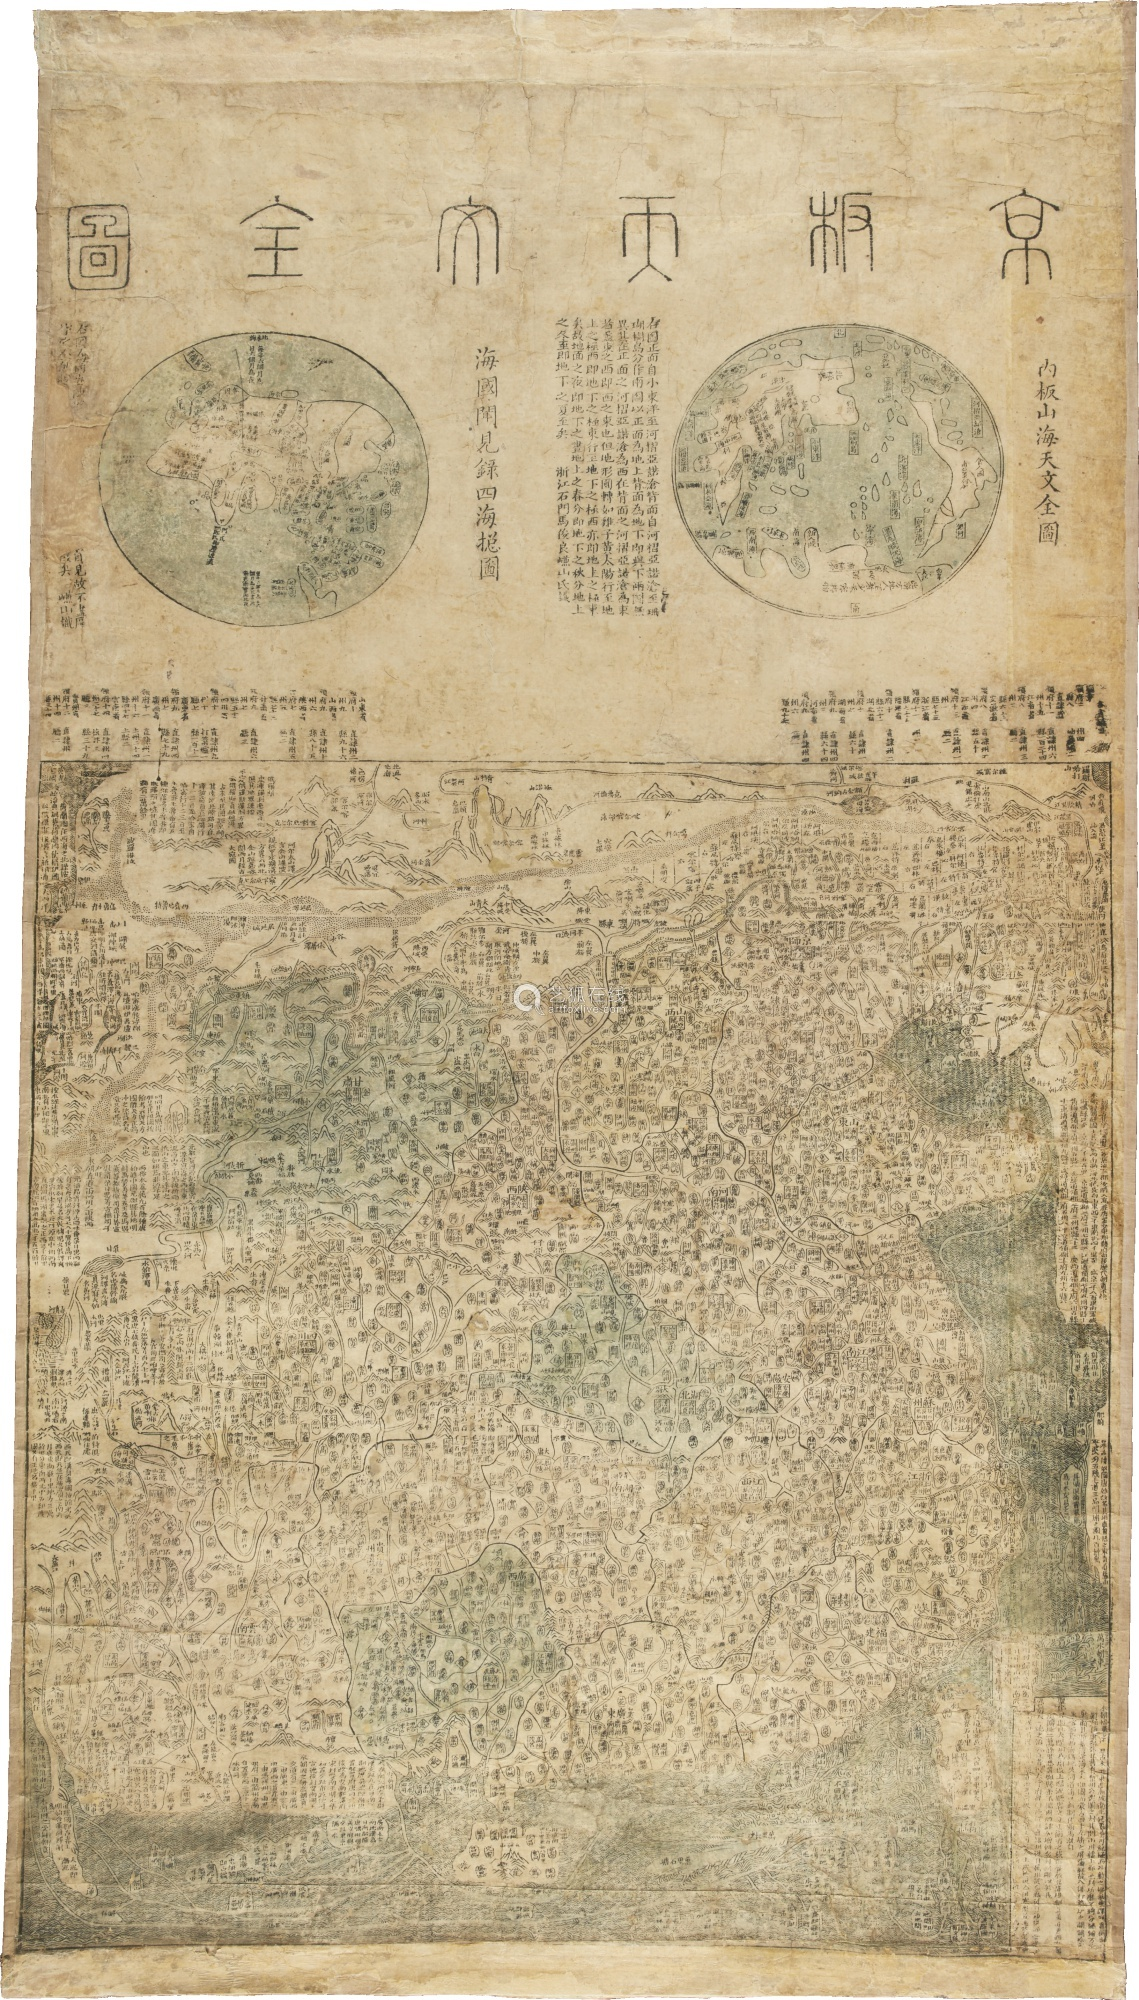 The Jingban tianwen quantu Map of the World